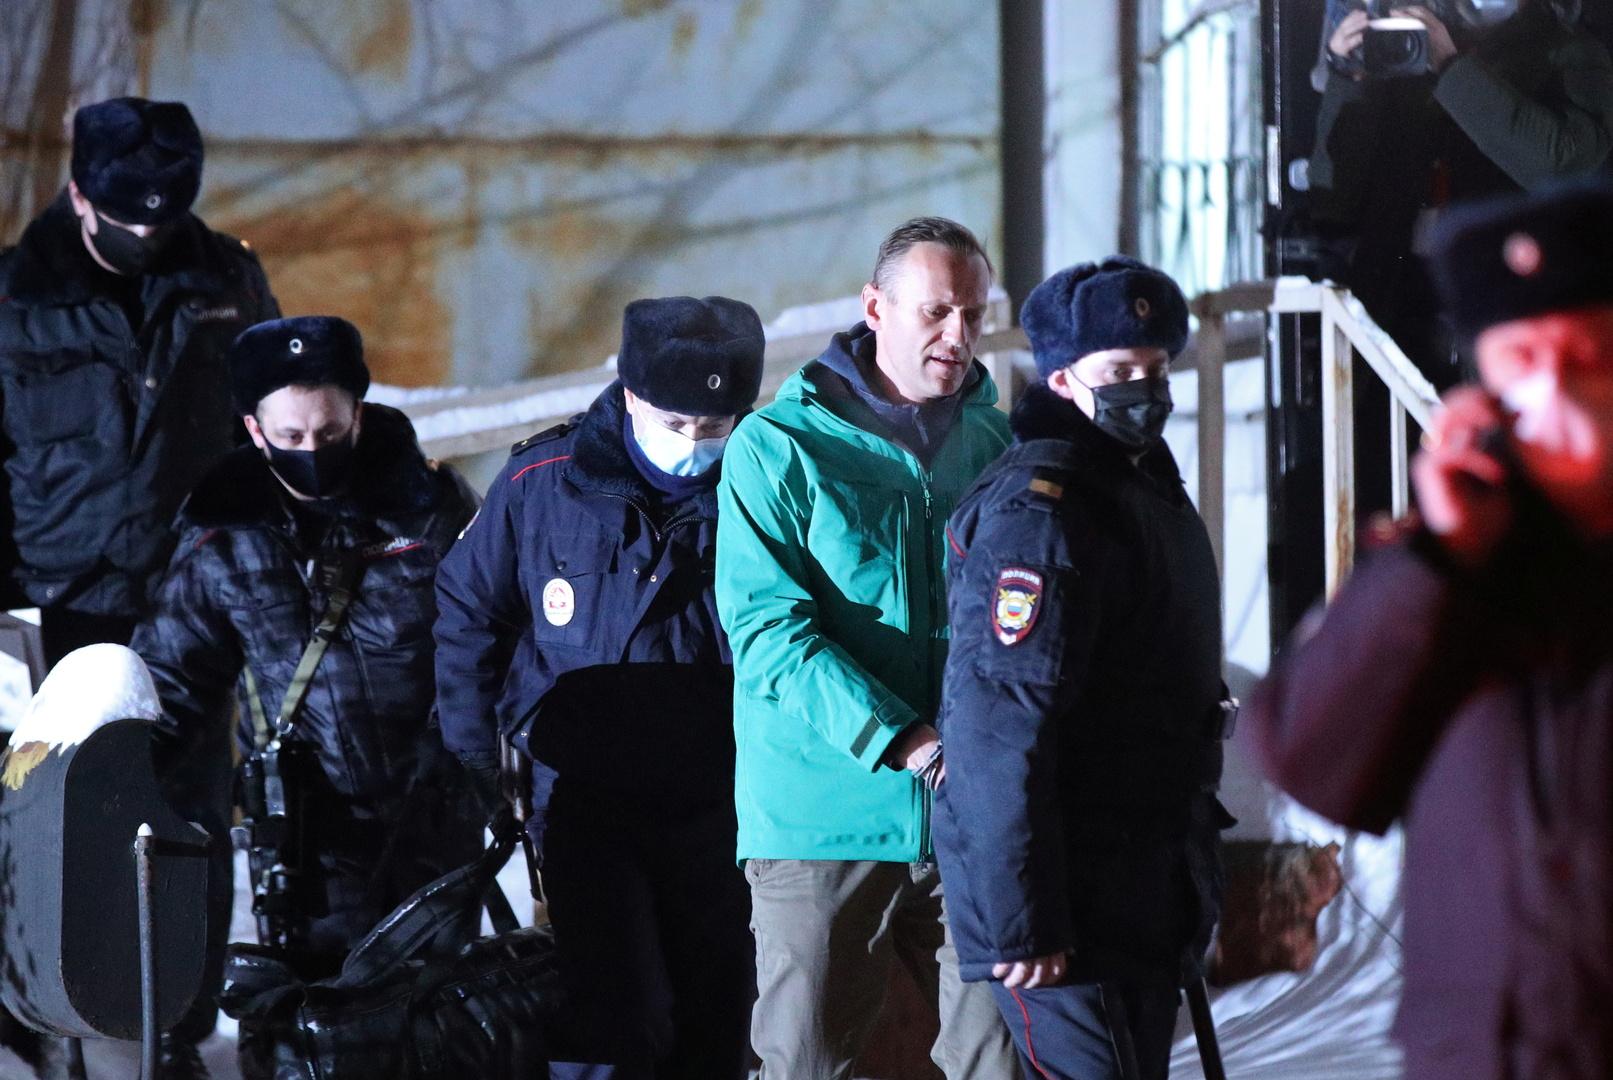 واشنطن تطالب السلطات الروسية بالإفراج عن نافالني والمحتجين الموقوفين